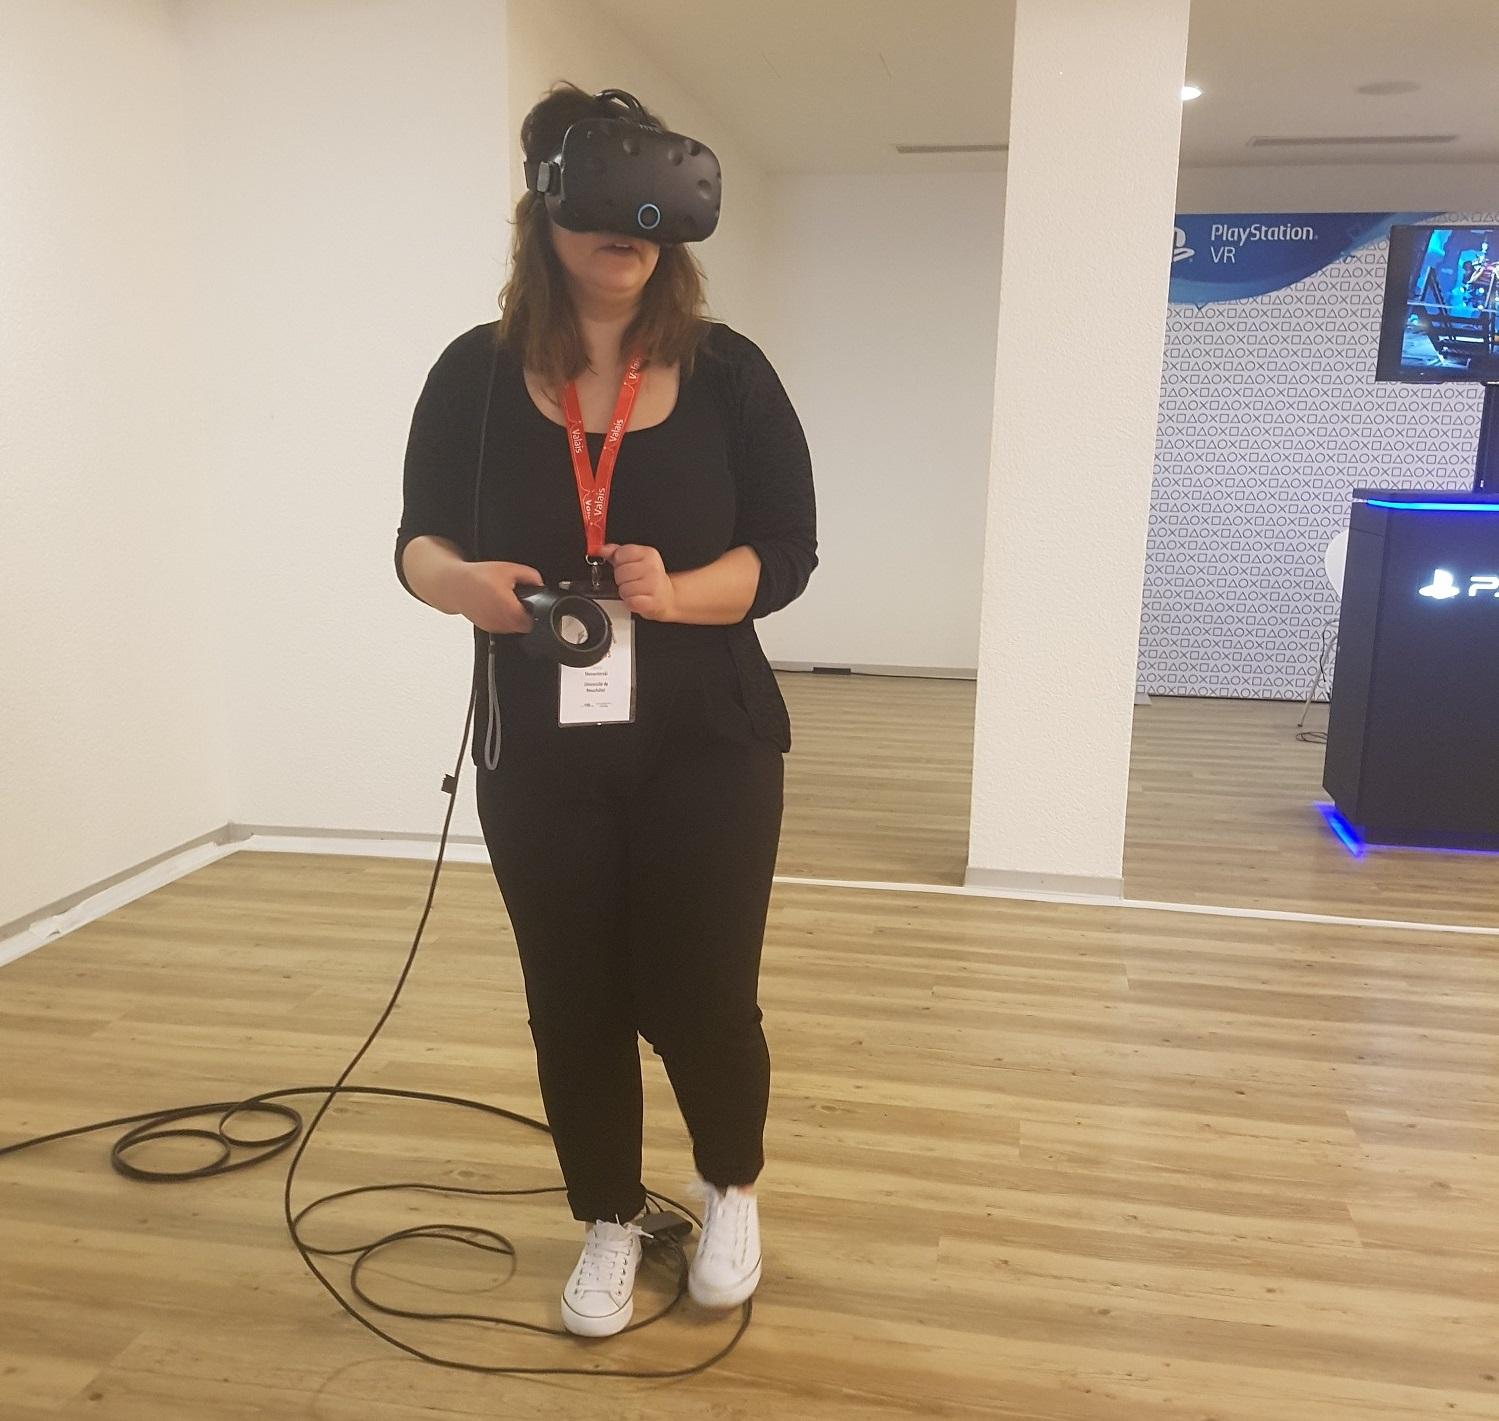 Notre journaliste test le jeu d'horreur VR Sisters